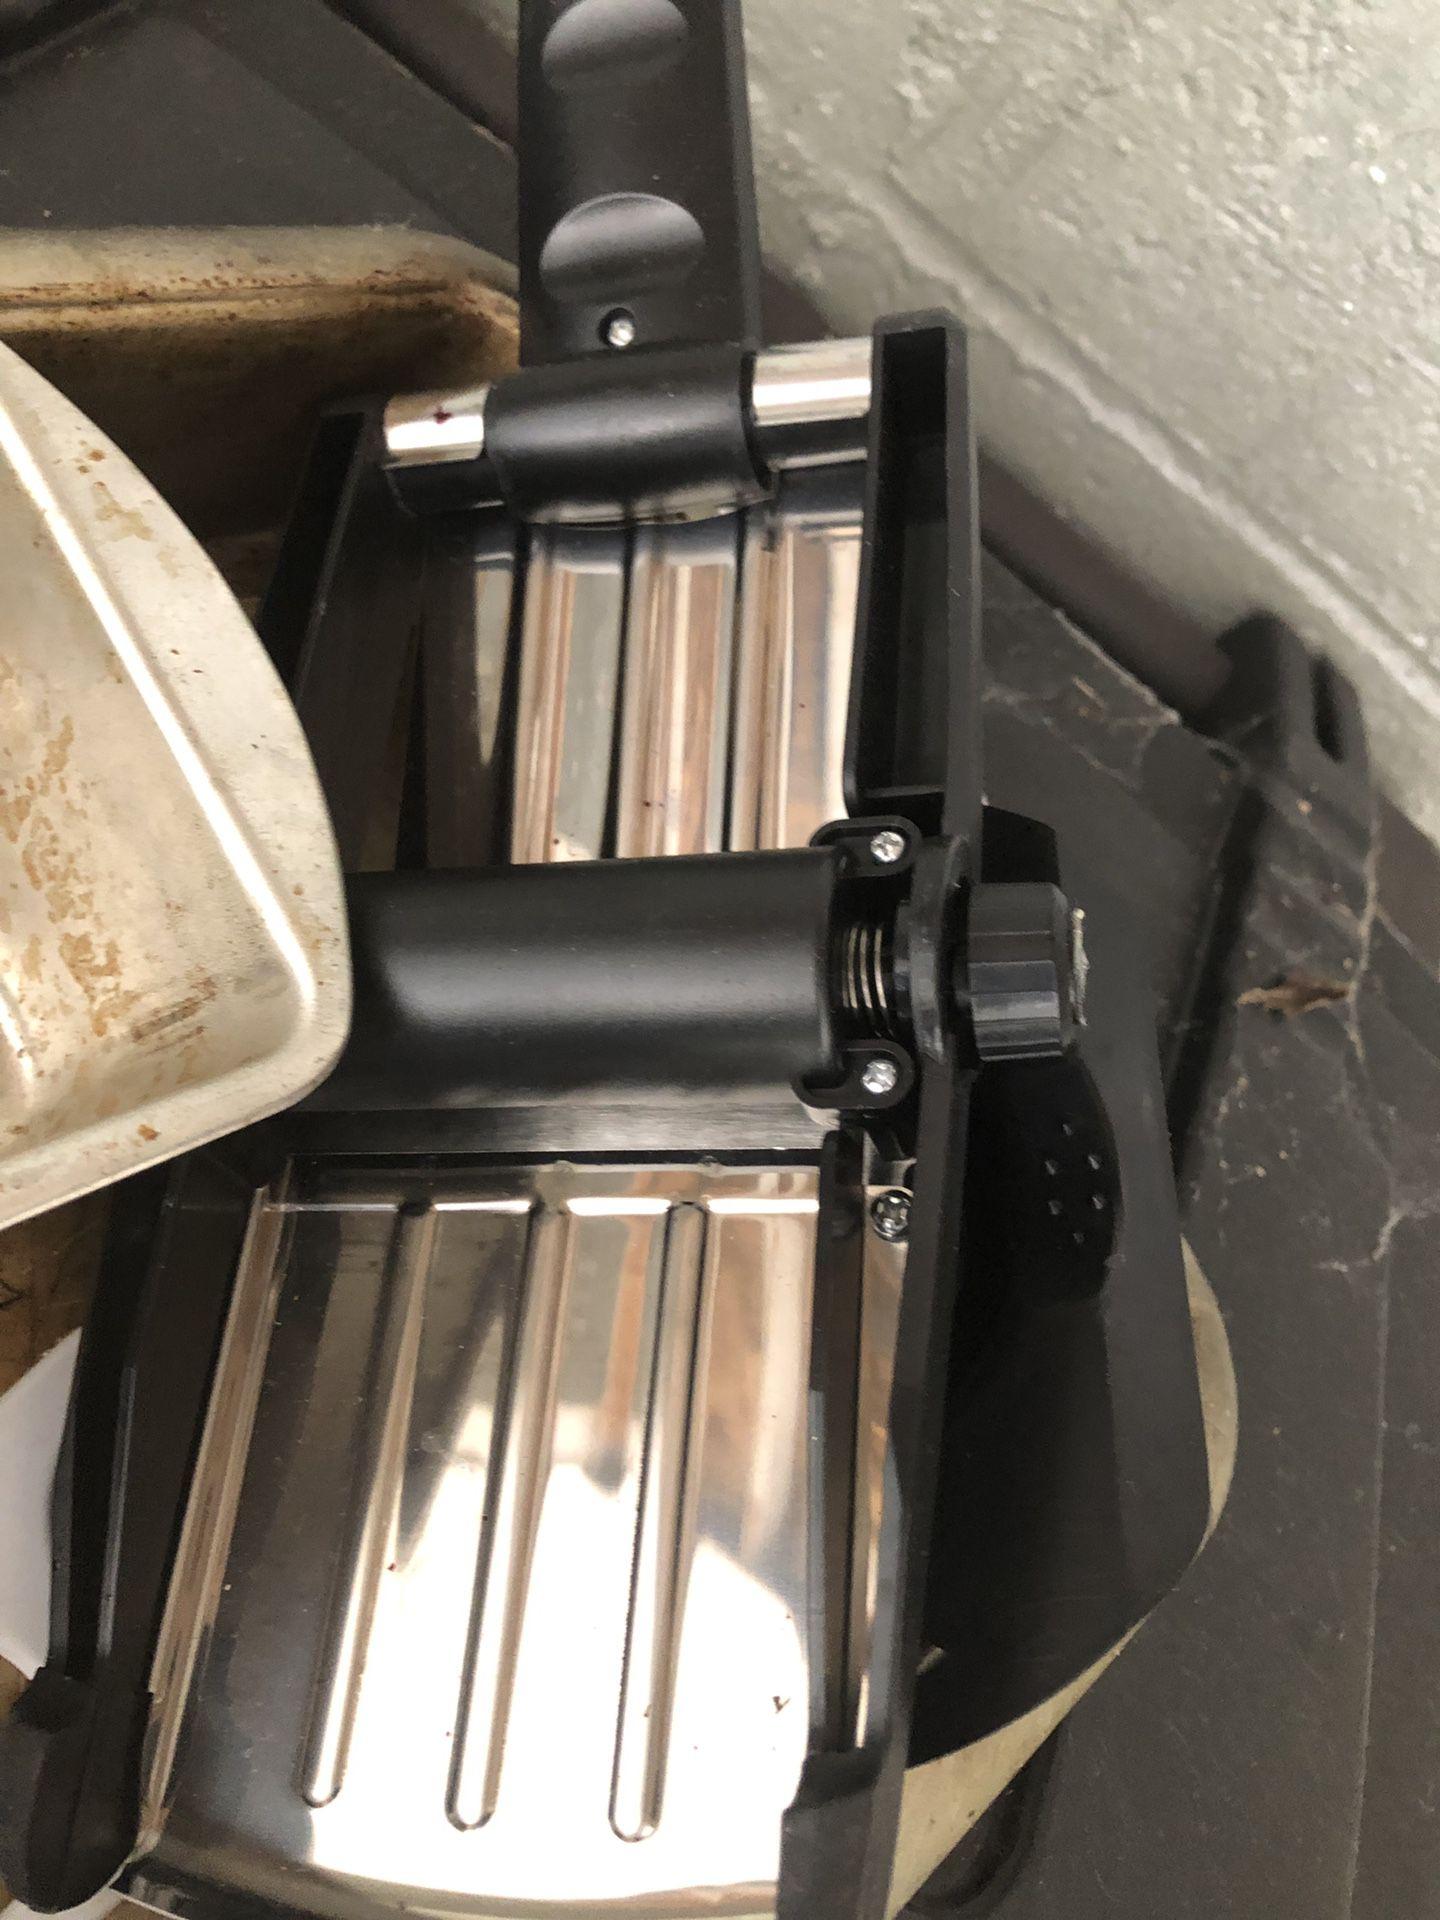 NEW Sharper Image kitchen food grater